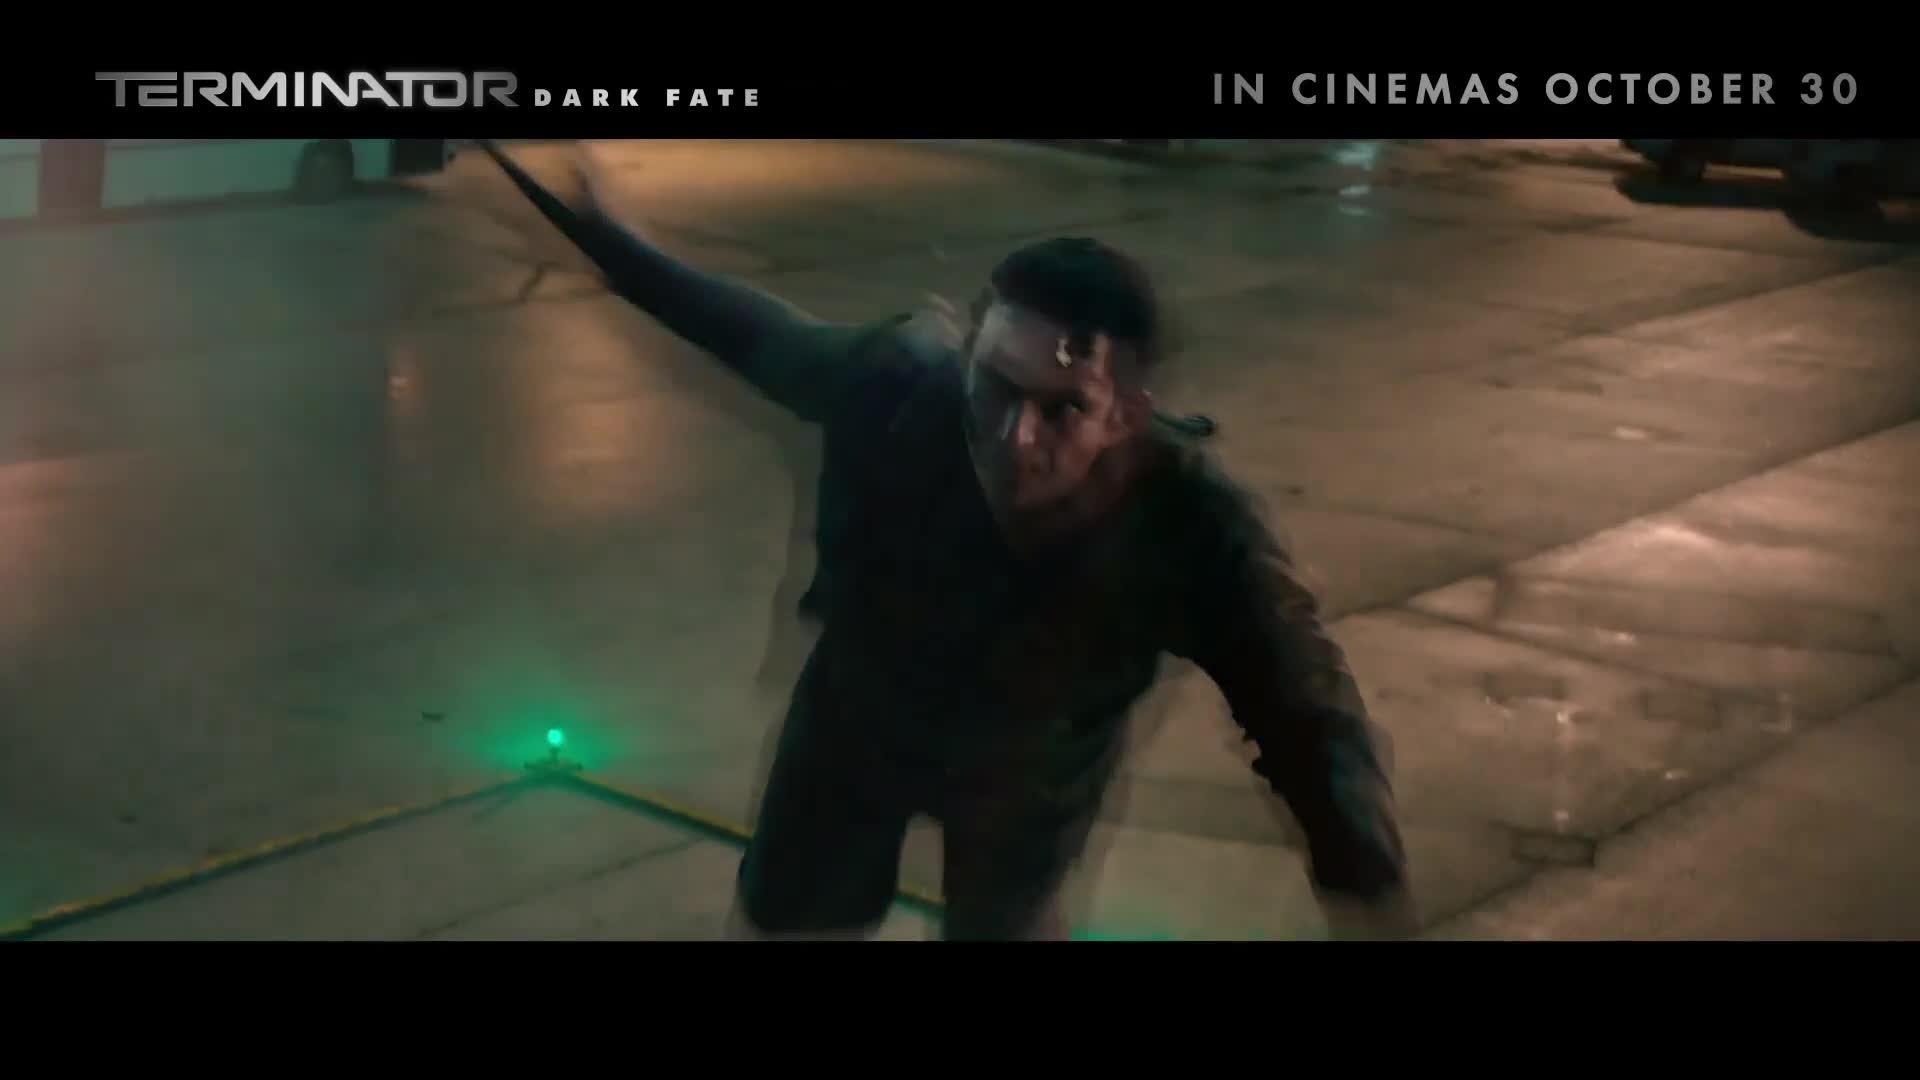 Terminator: Dark Fate - TV Spots 3-5 [HD] screen capture